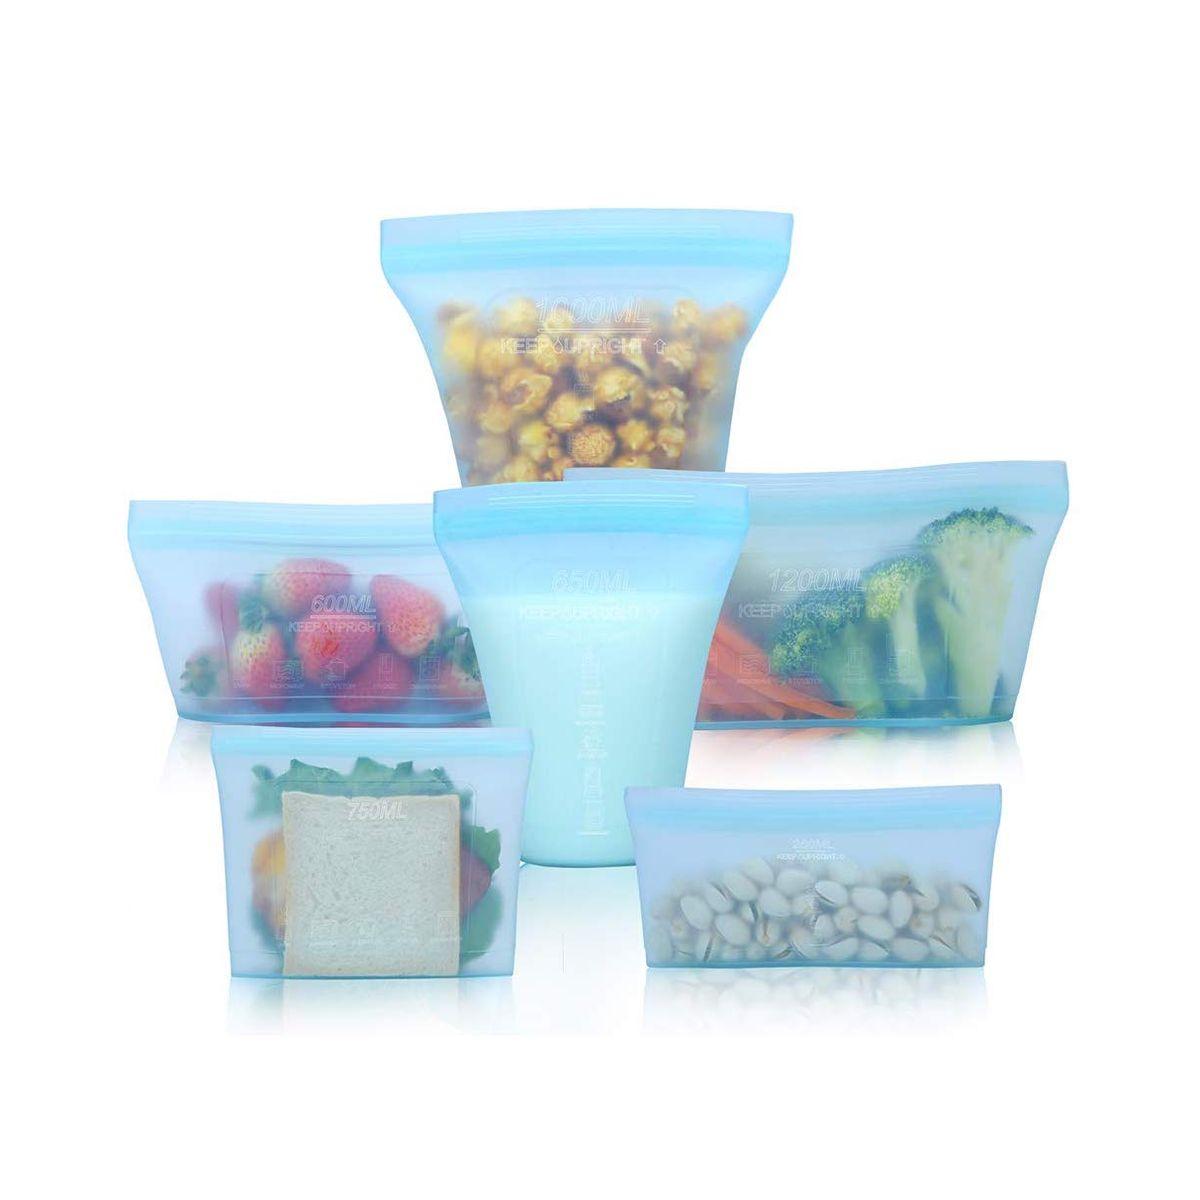 Silicone Fresh Bag Zip Shut Bags Food Storage Container Kitchen Organizer